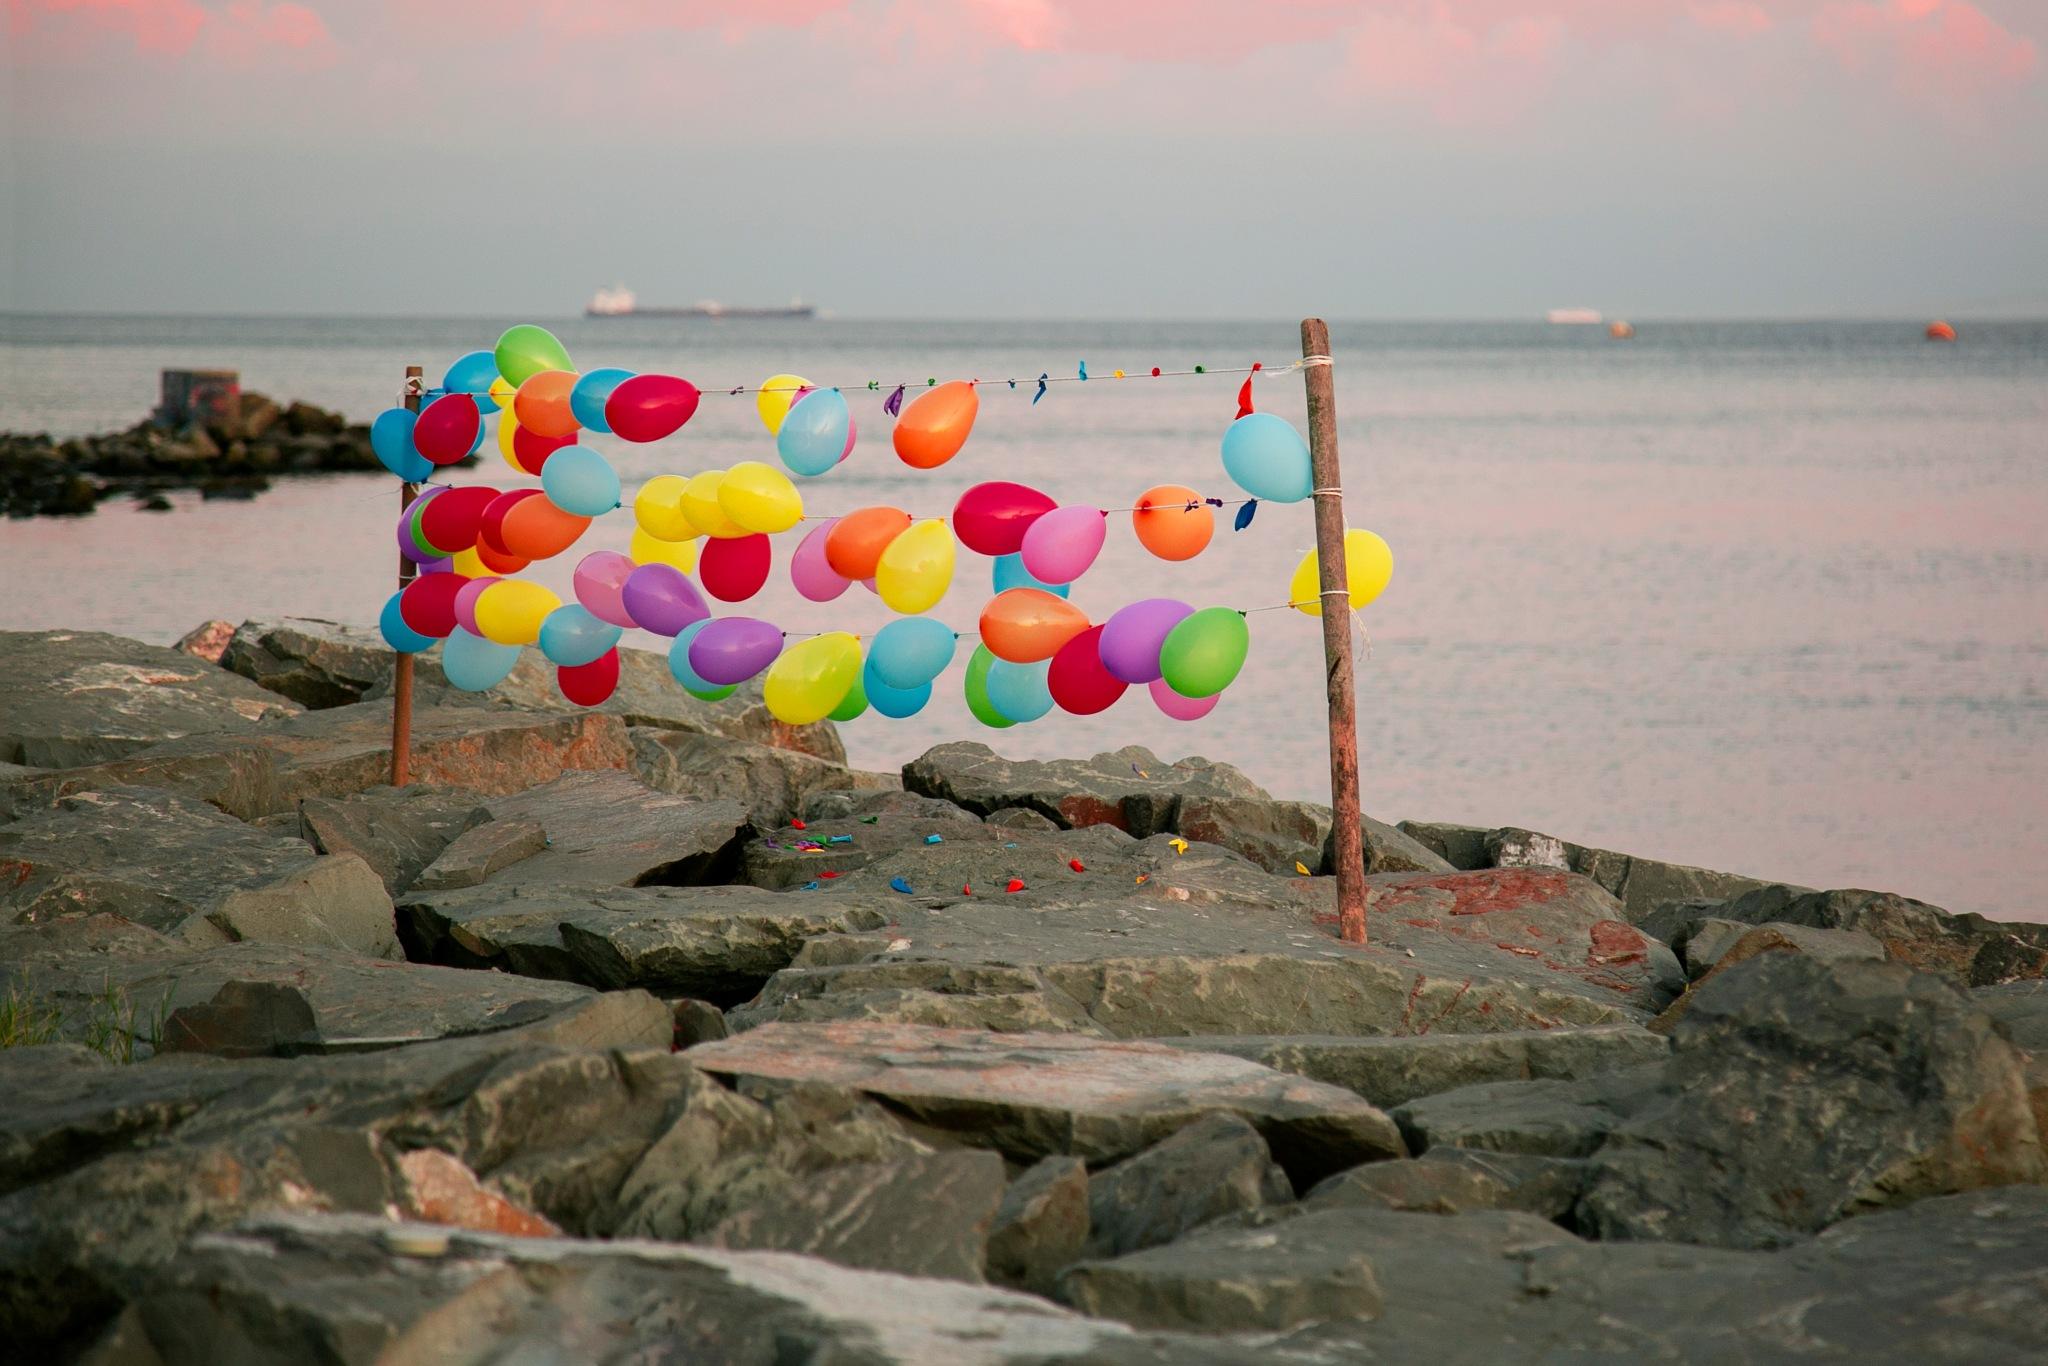 Balloons on beach   by Ahmad Alsayed